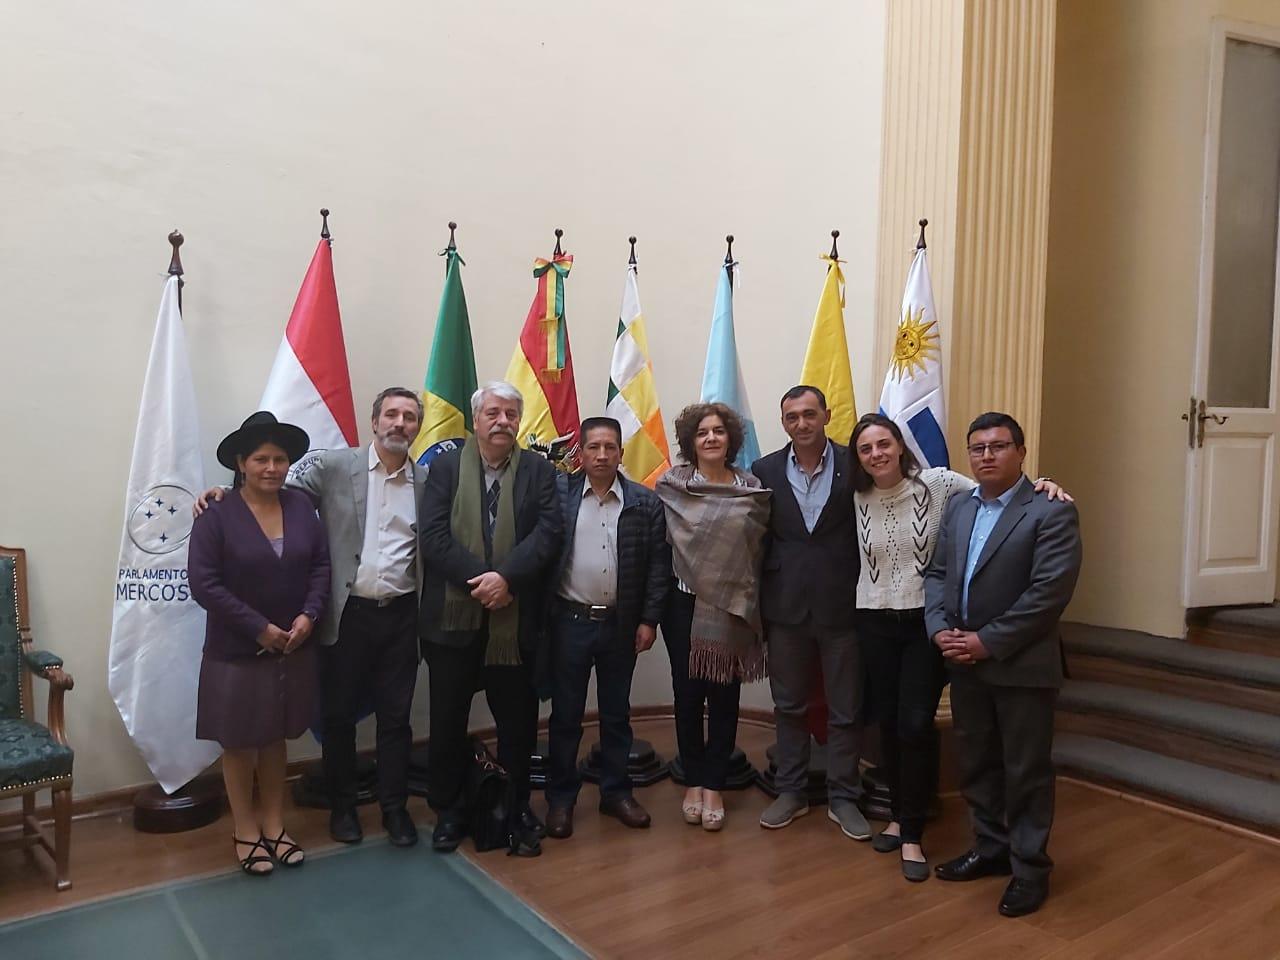 Comissão de Direitos Humanos do Parlasul apresenta relatório condenando situação na Bolívia e denunciando 32 mortes, 832 feridos e 1.513 detidos